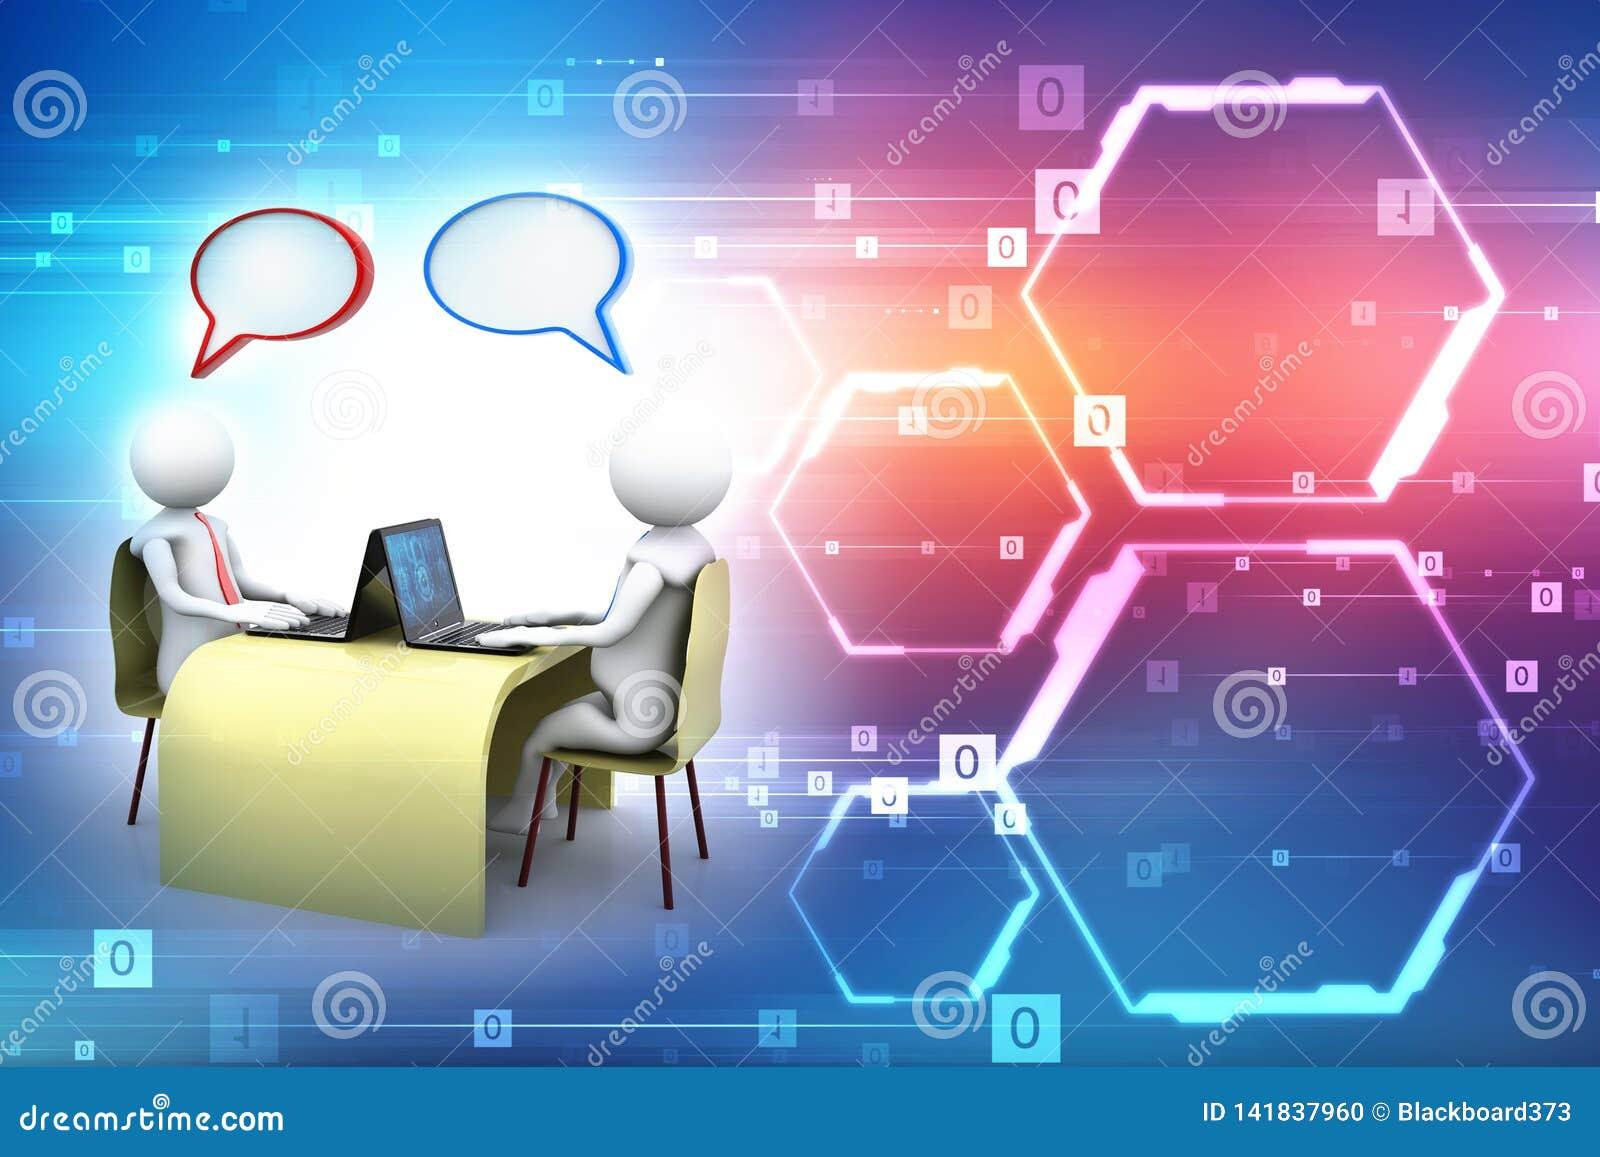 On-line-Kommunikation Plaudern, Geschäftskommunikations-Konzept Wiedergabe 3d